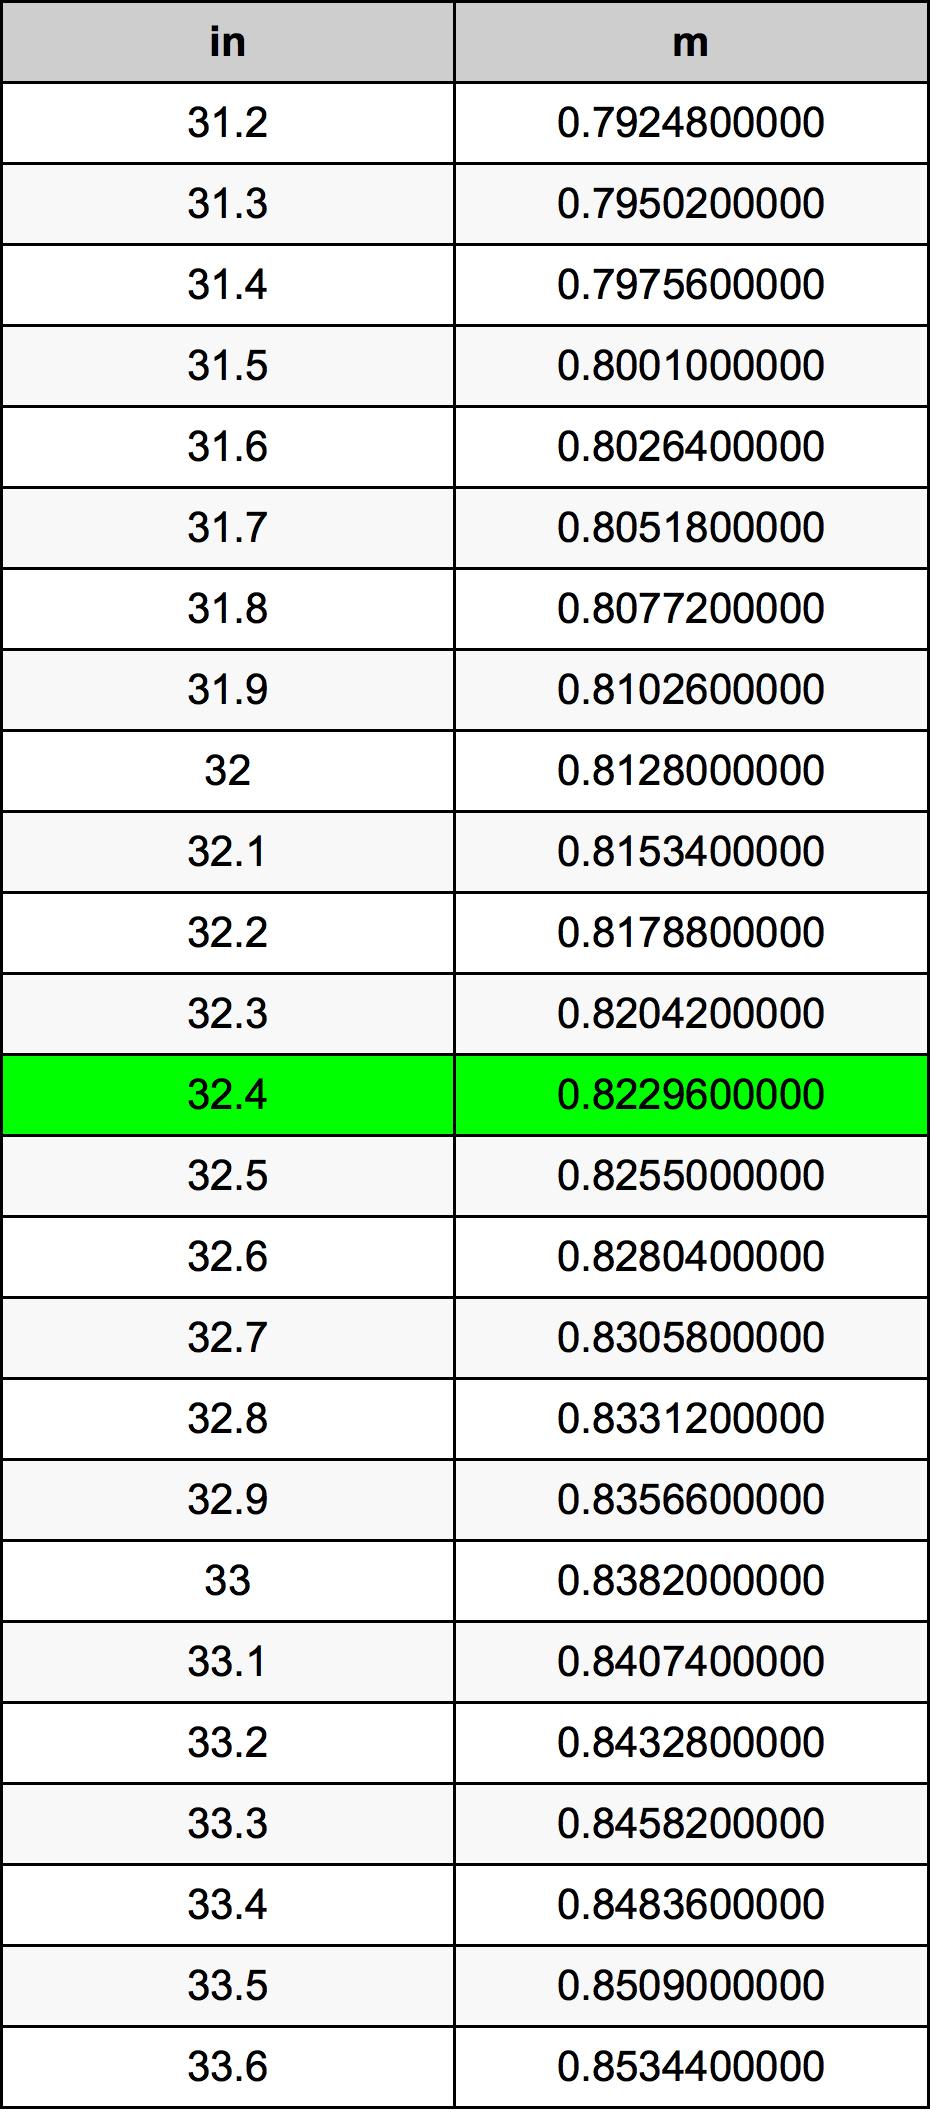 32.4 Zoll Umrechnungstabelle